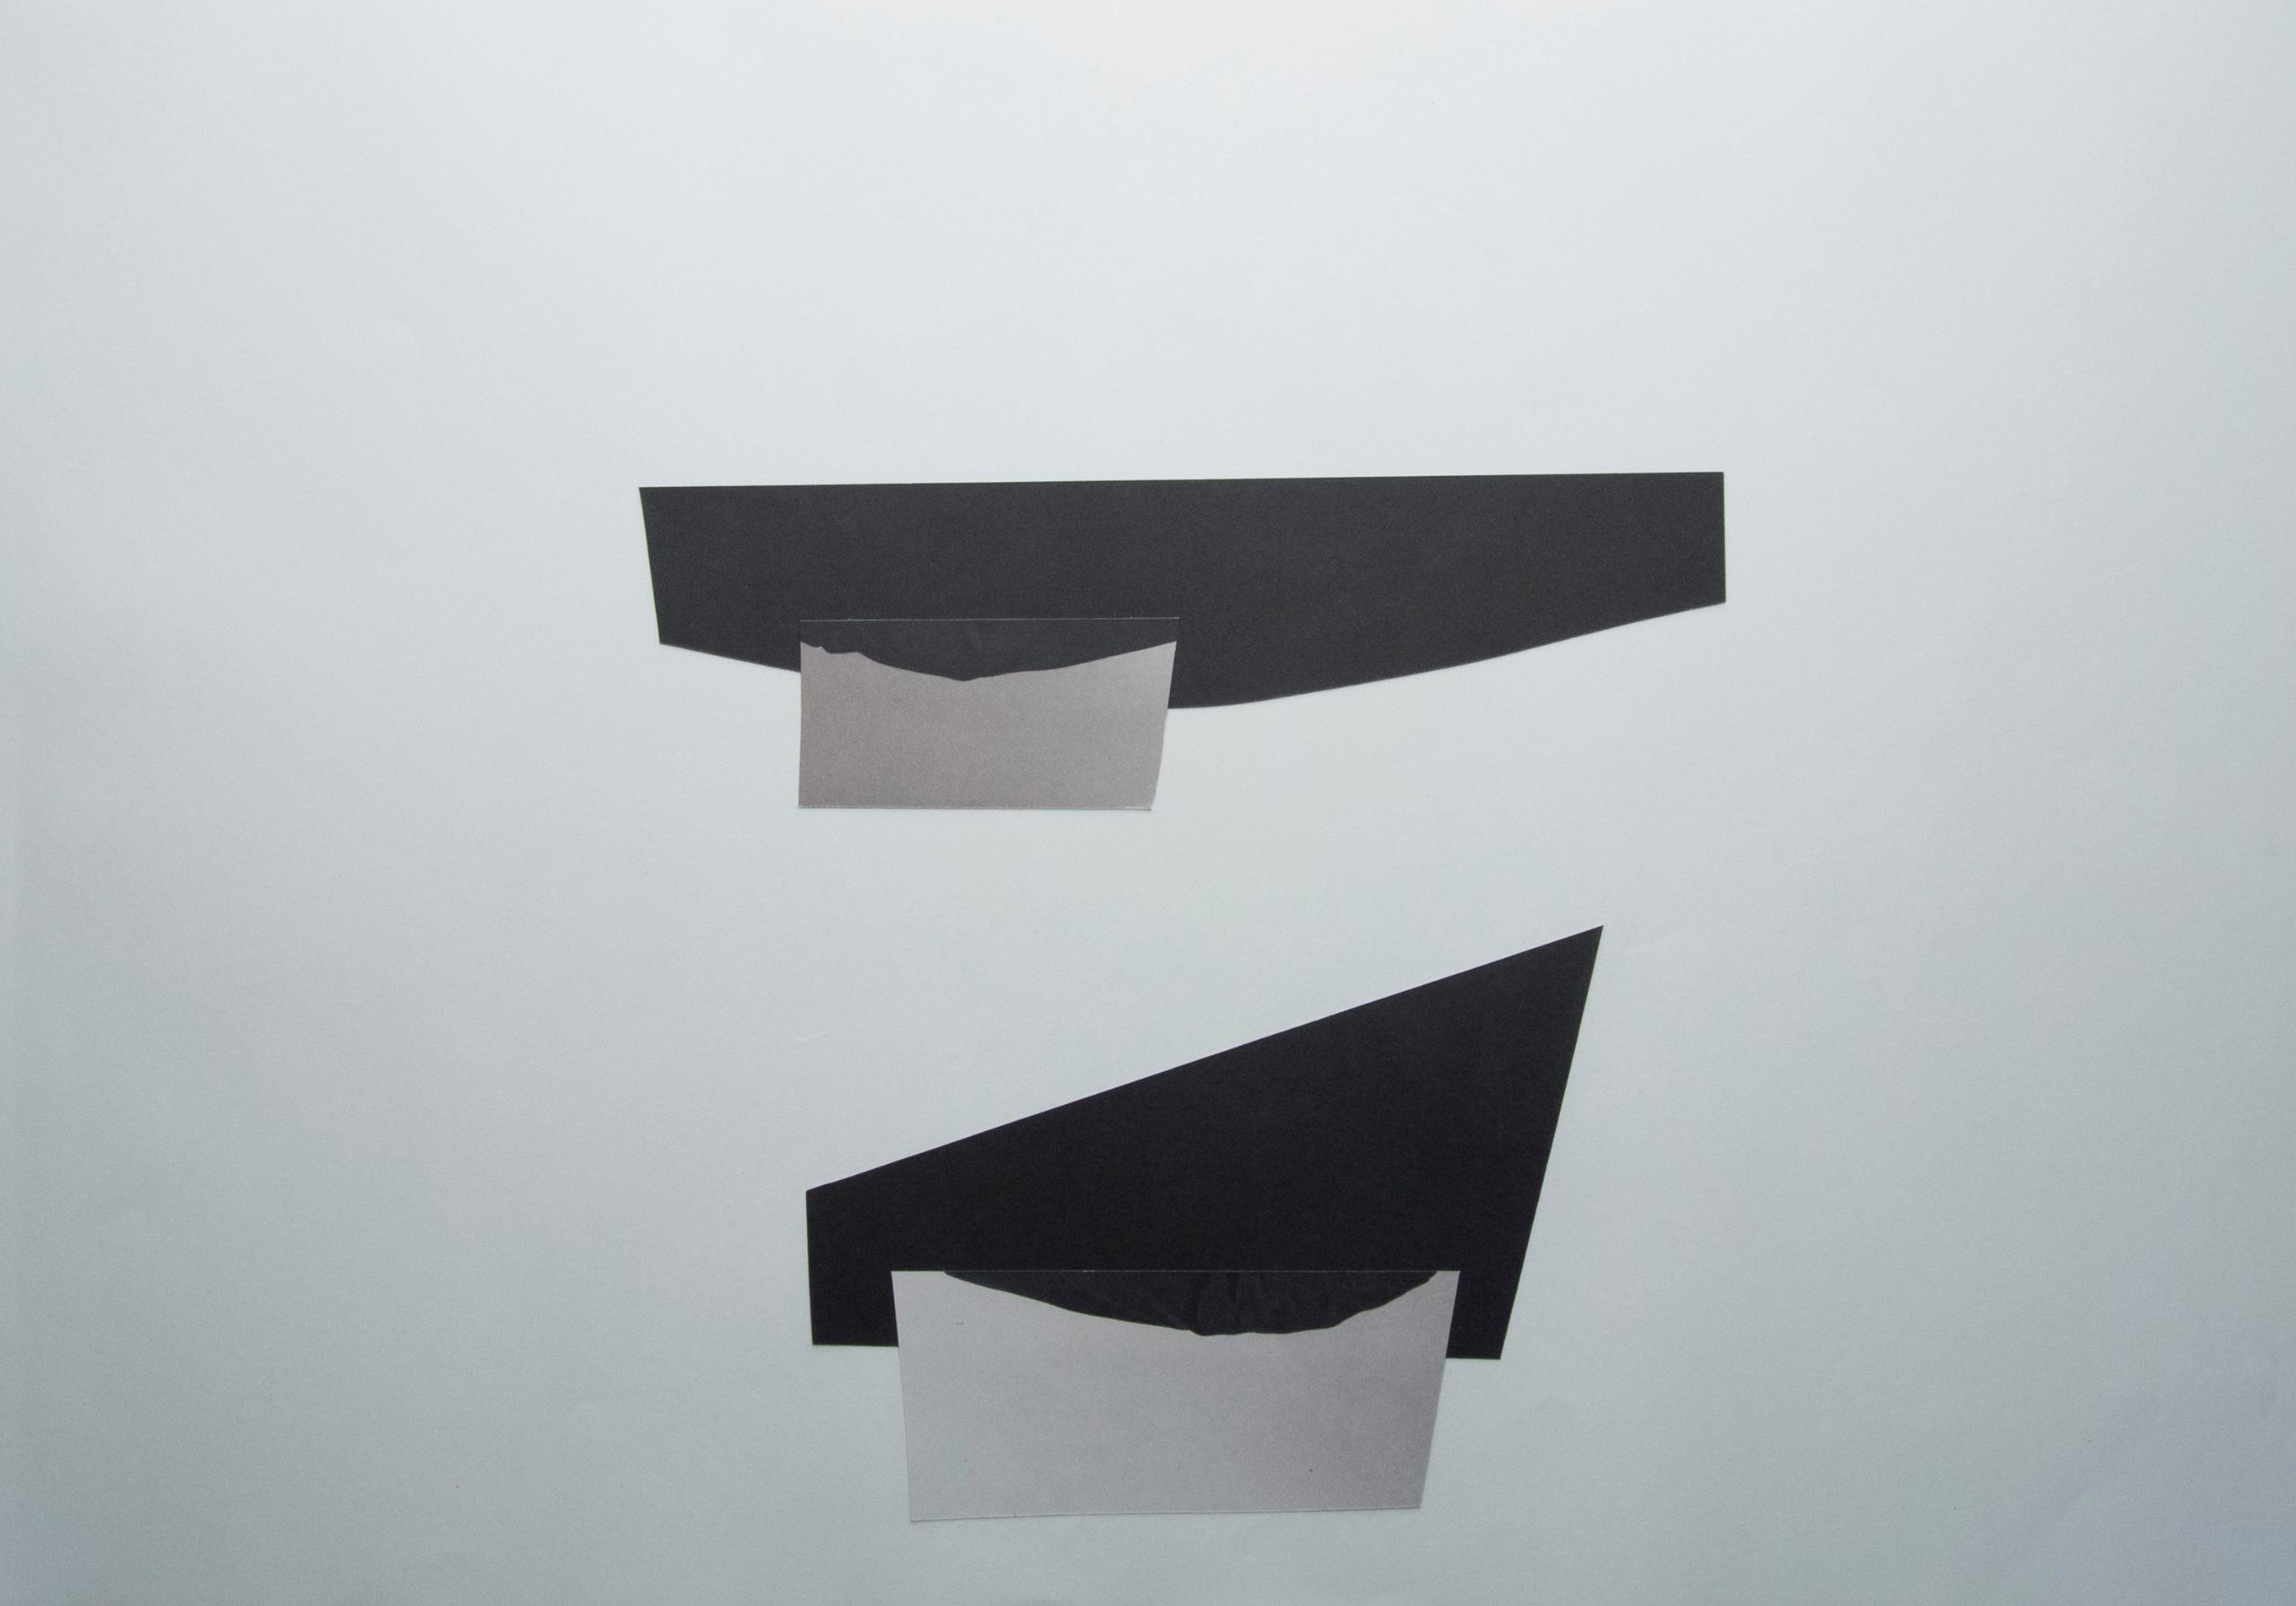 Moon Landing, Collage - art, abstract - wrjenkinson | ello